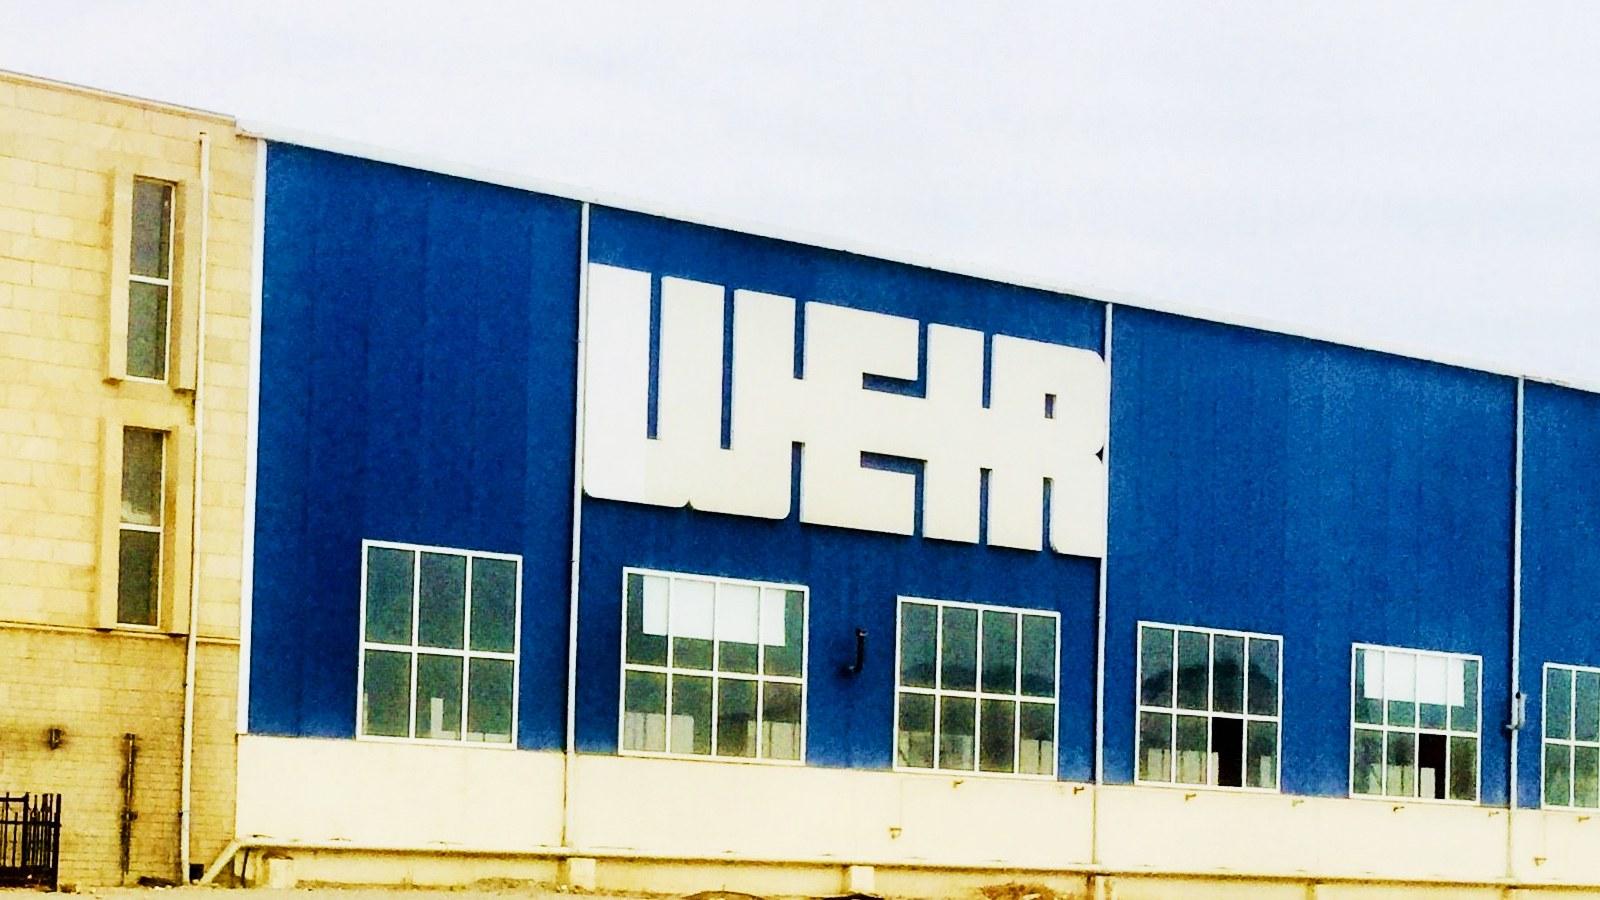 Mühendislik devi Weir Group, fidye yazılımı saldırısına uğradı